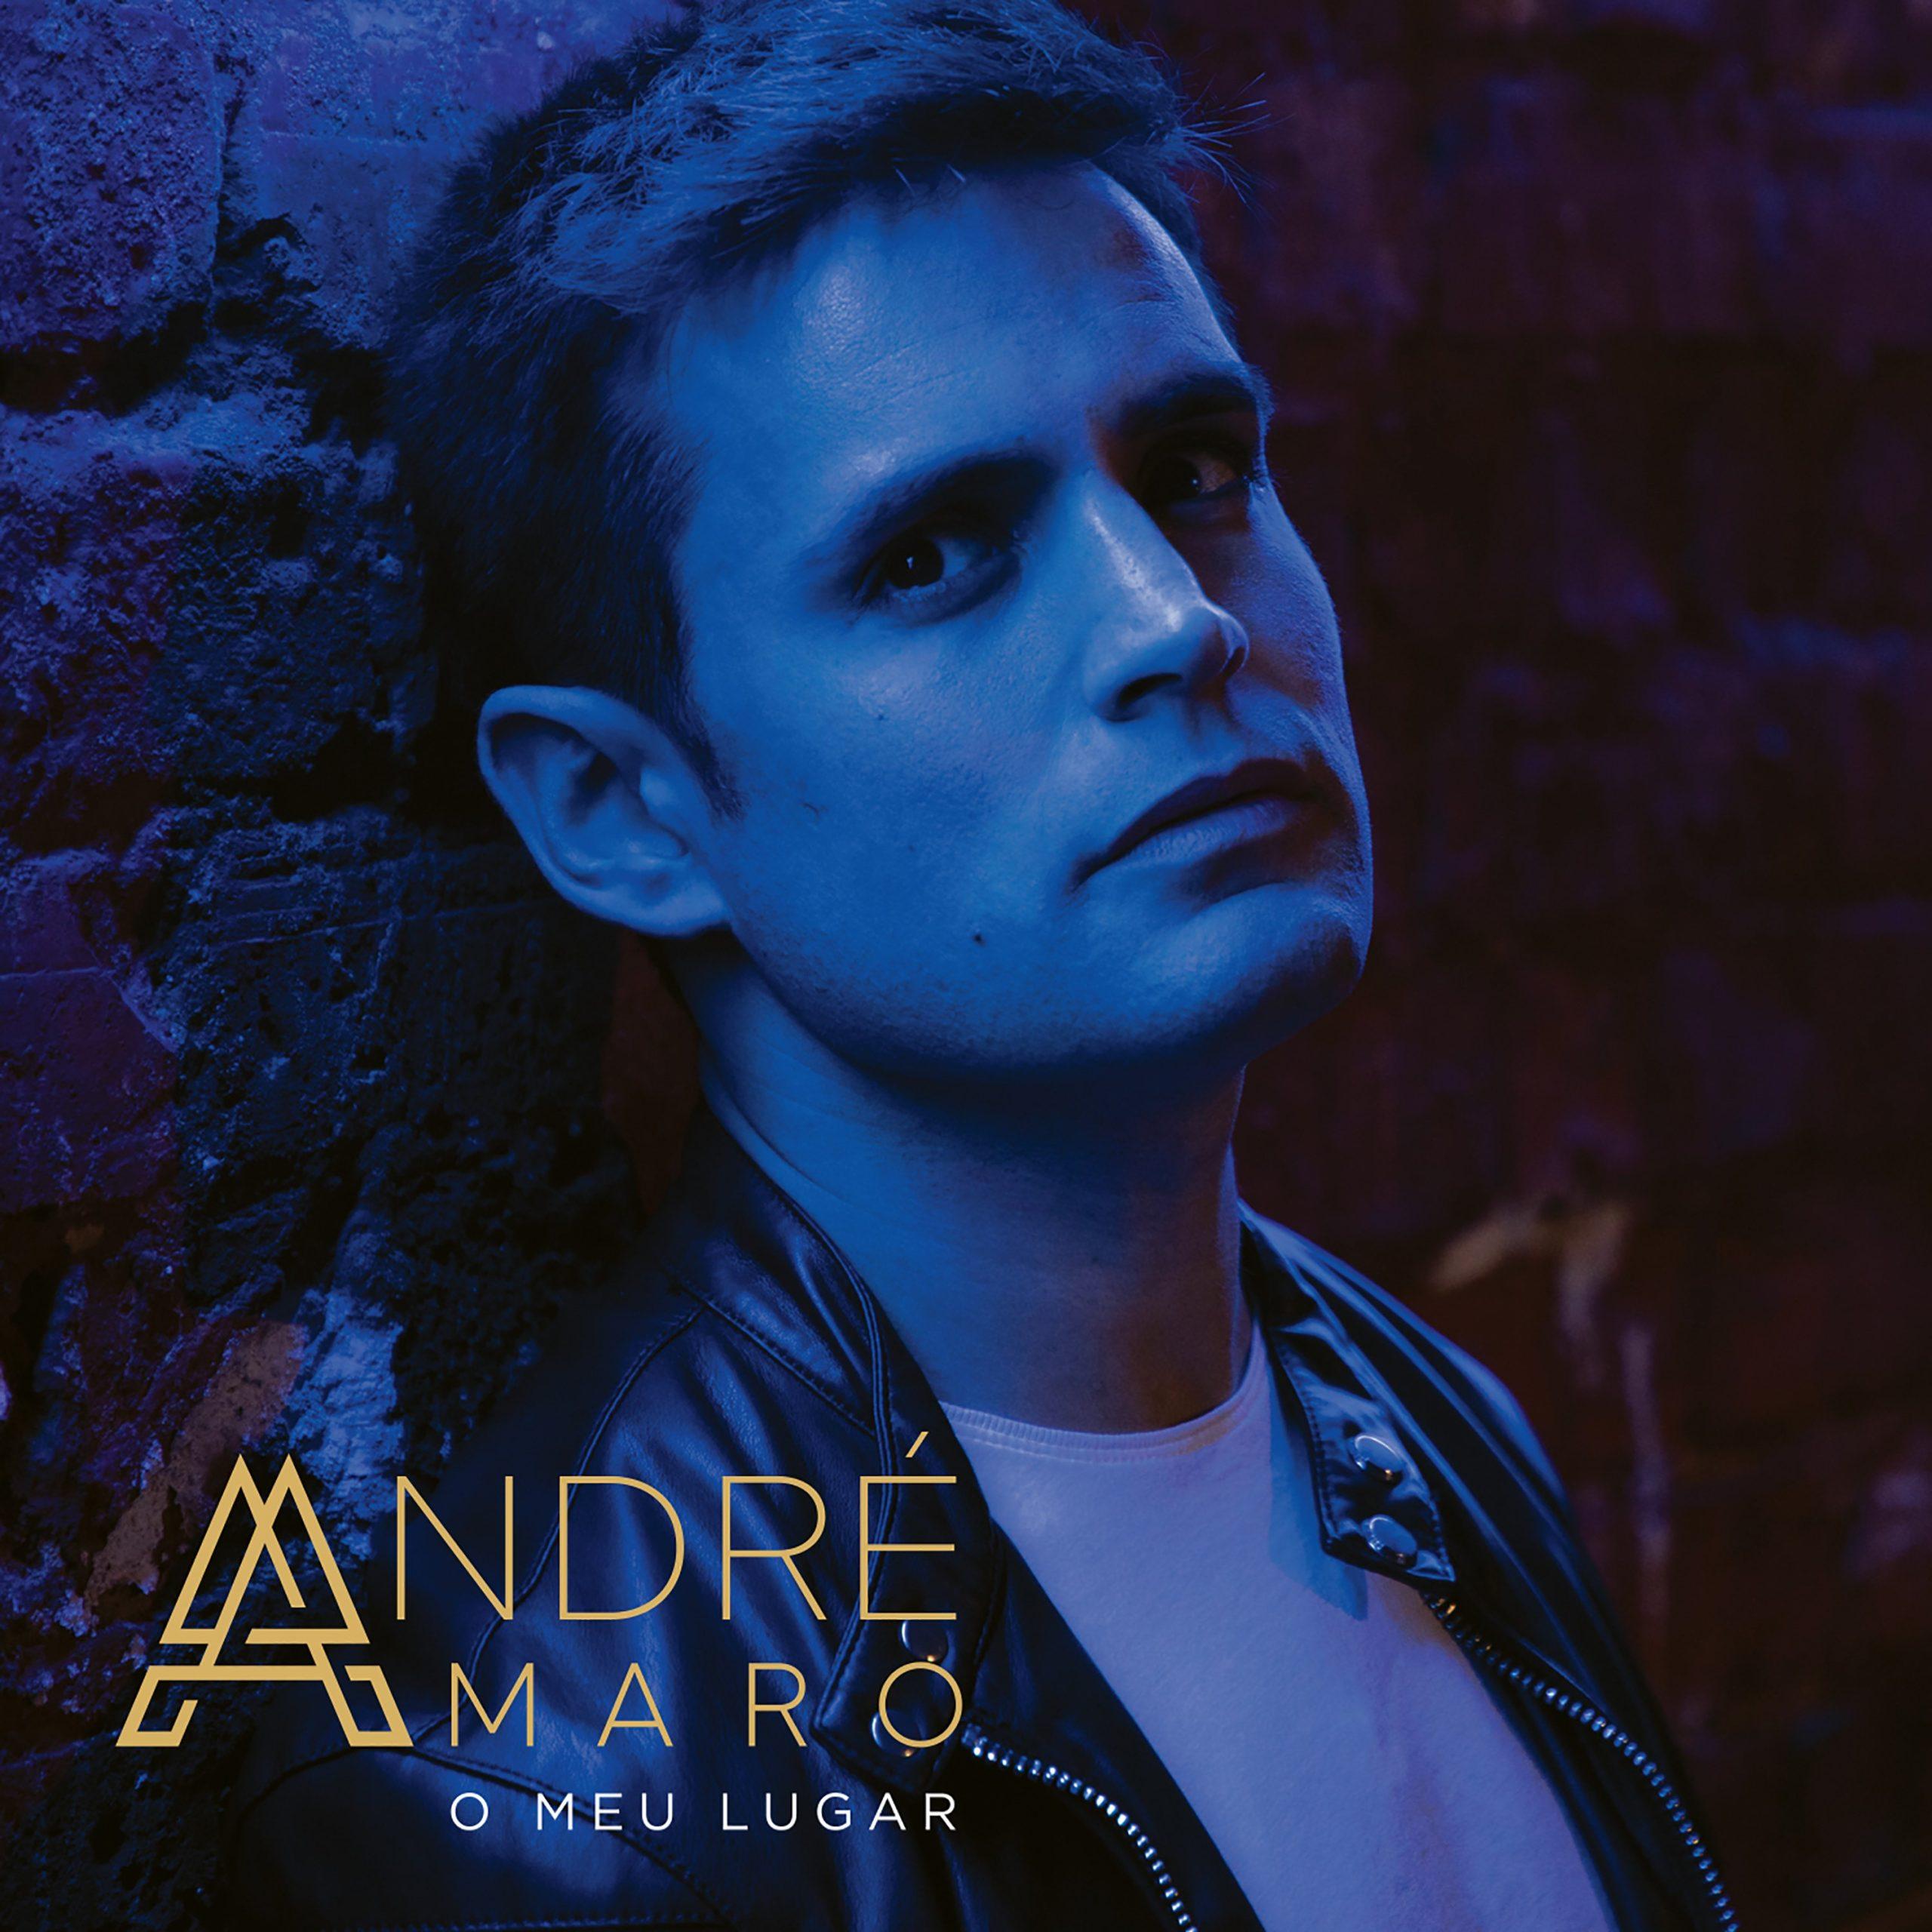 Andre Amaro_capa album